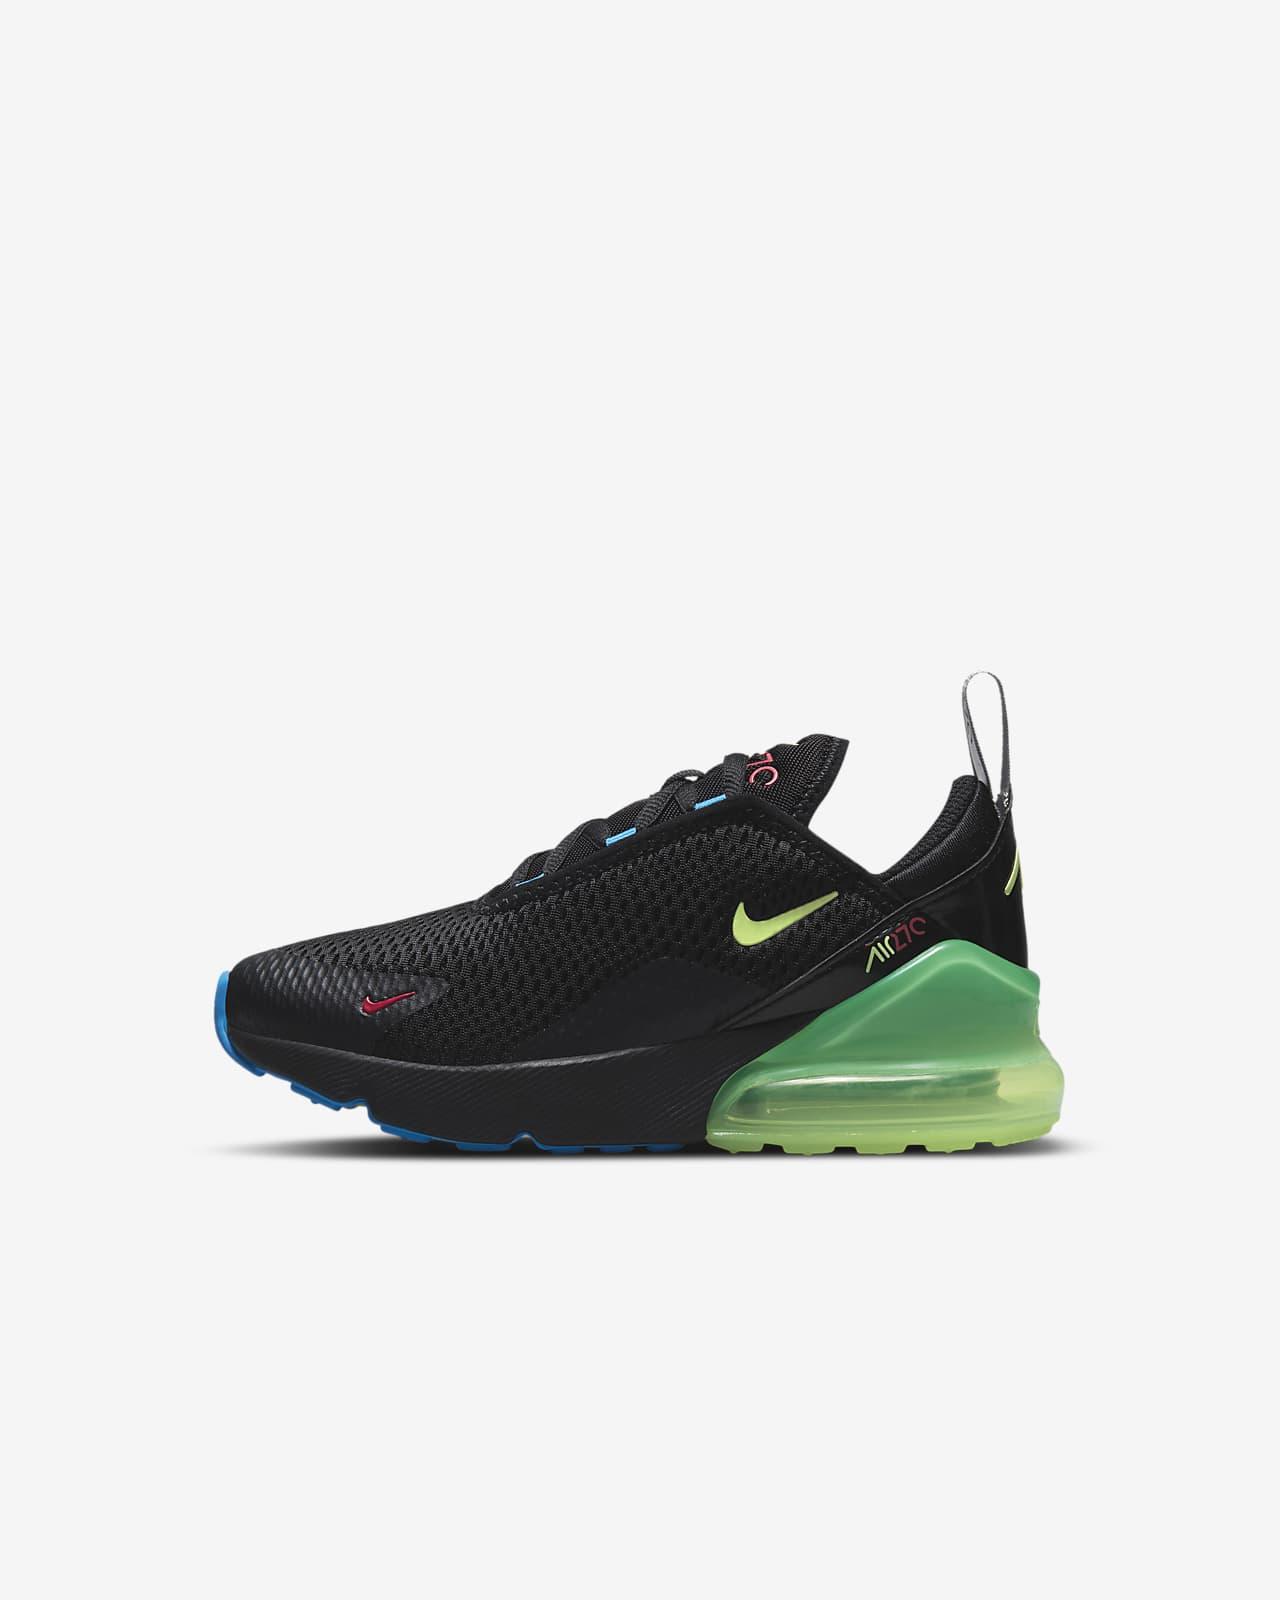 Calzado para niños talla pequeña Nike Air Max 270